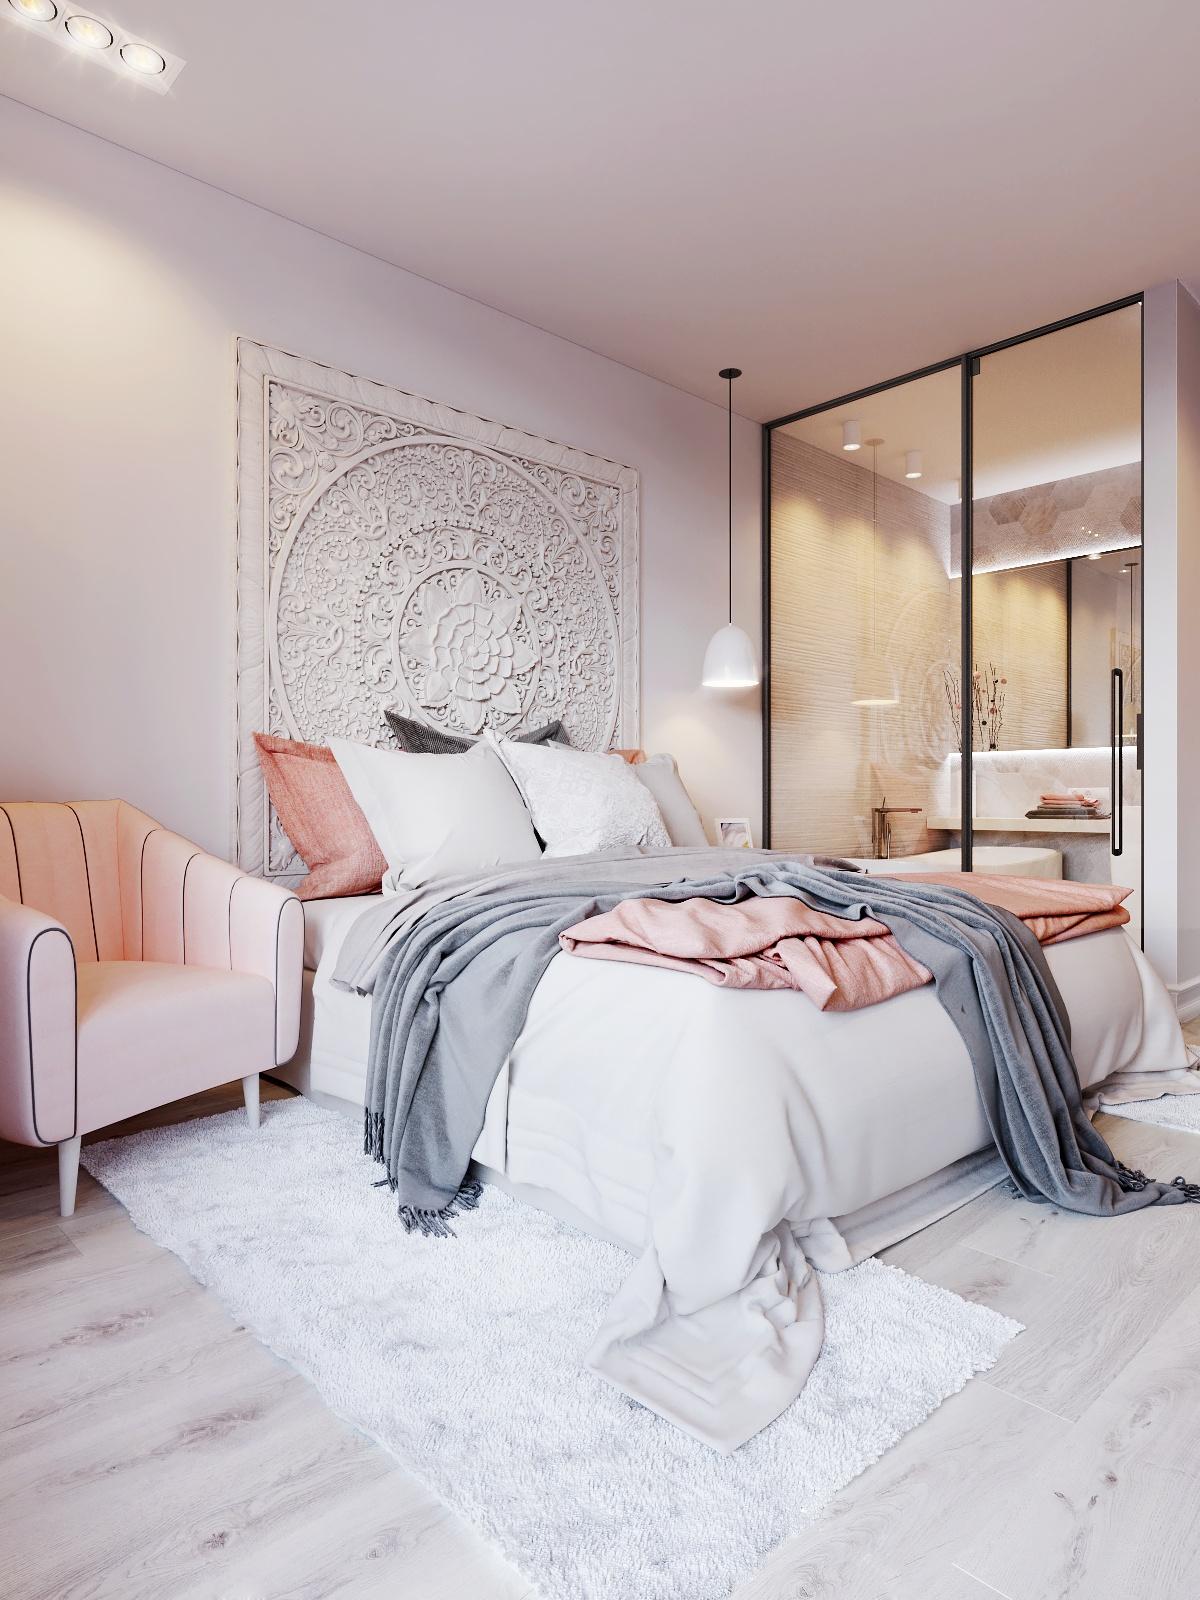 简约时尚公寓卧室装修效果图